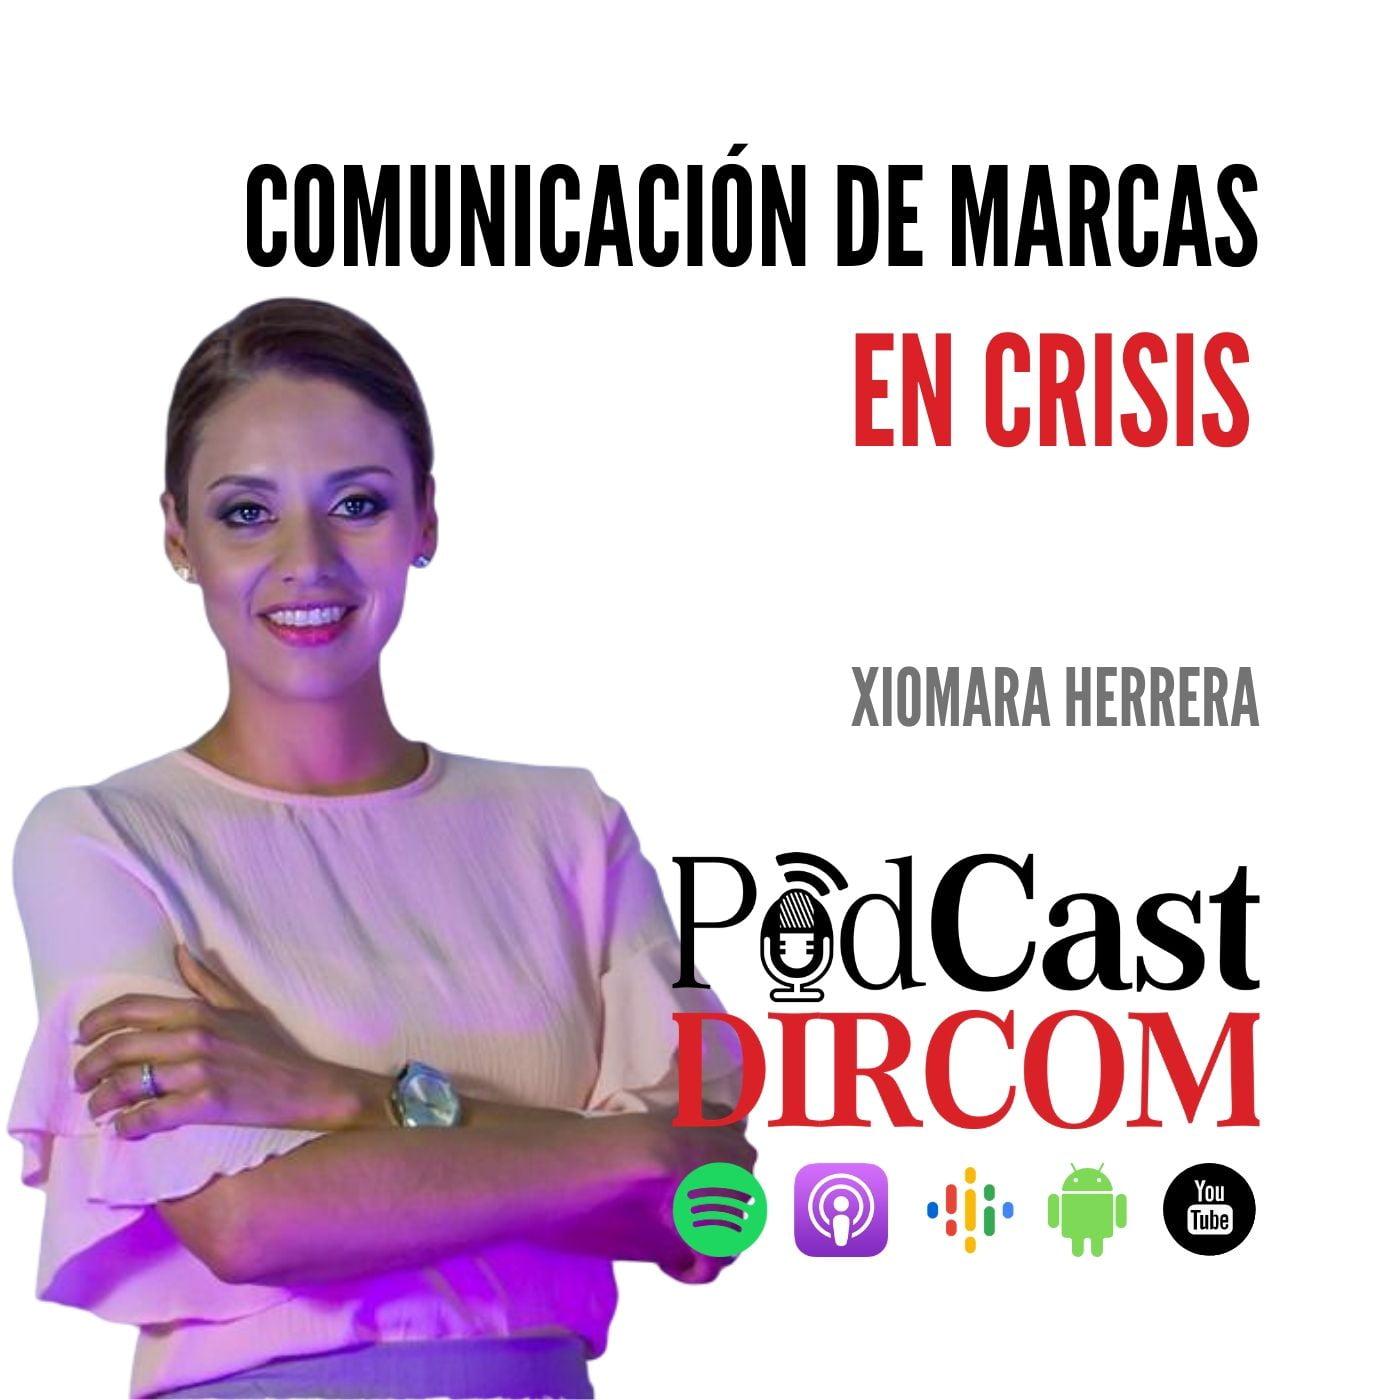 Comunicación de las Marcas en crisis